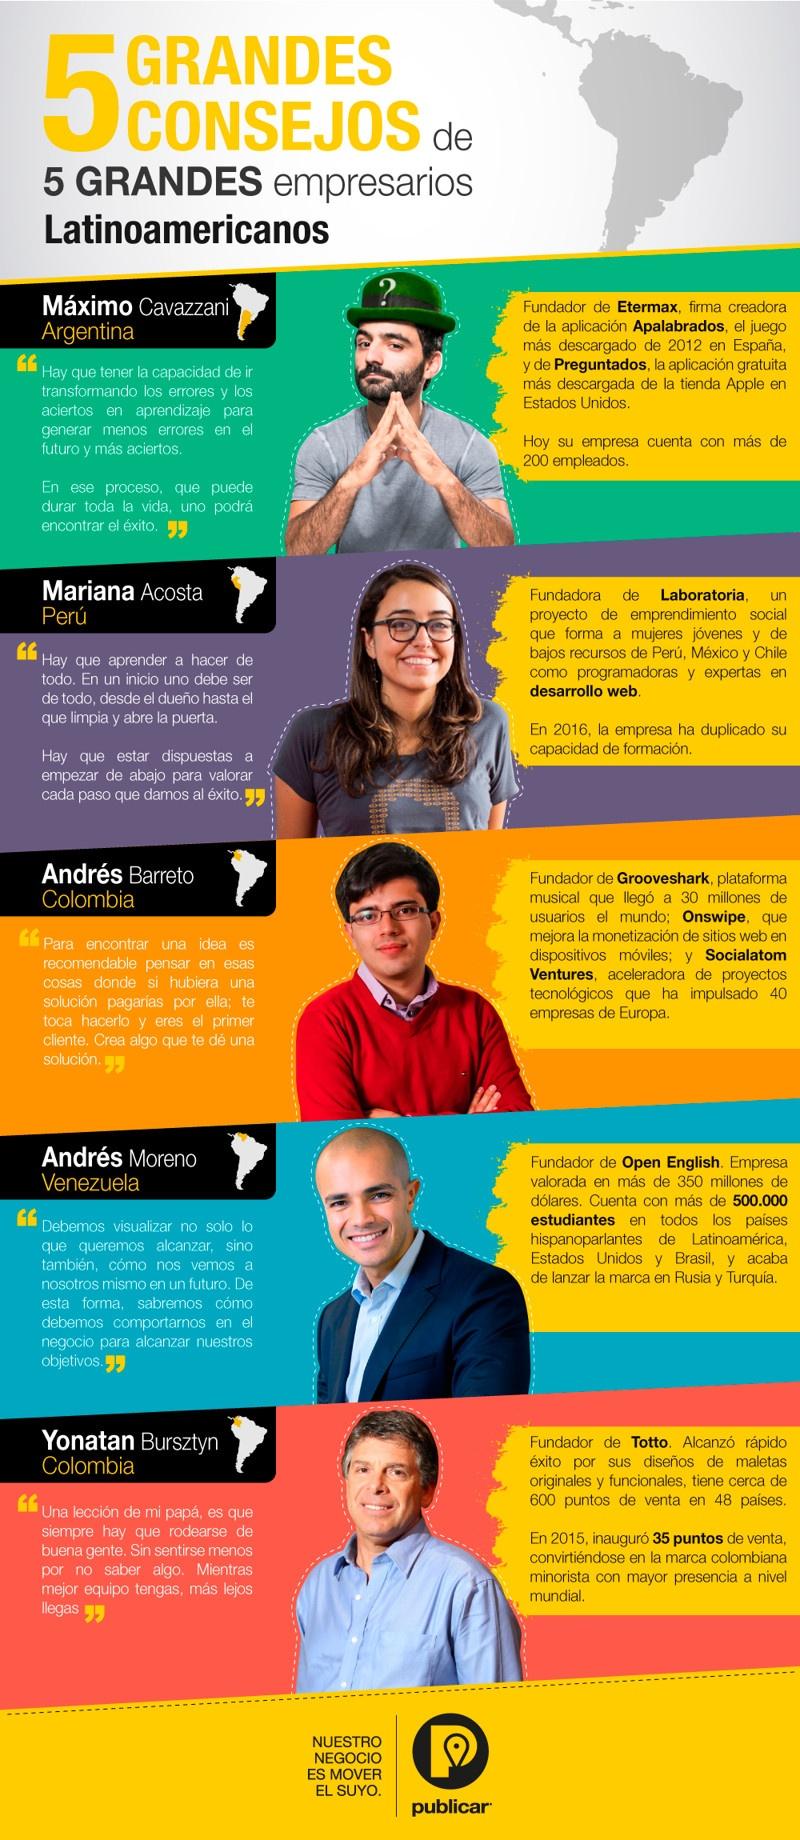 5 consejos de 5 grandes empresarios latinoamericanos